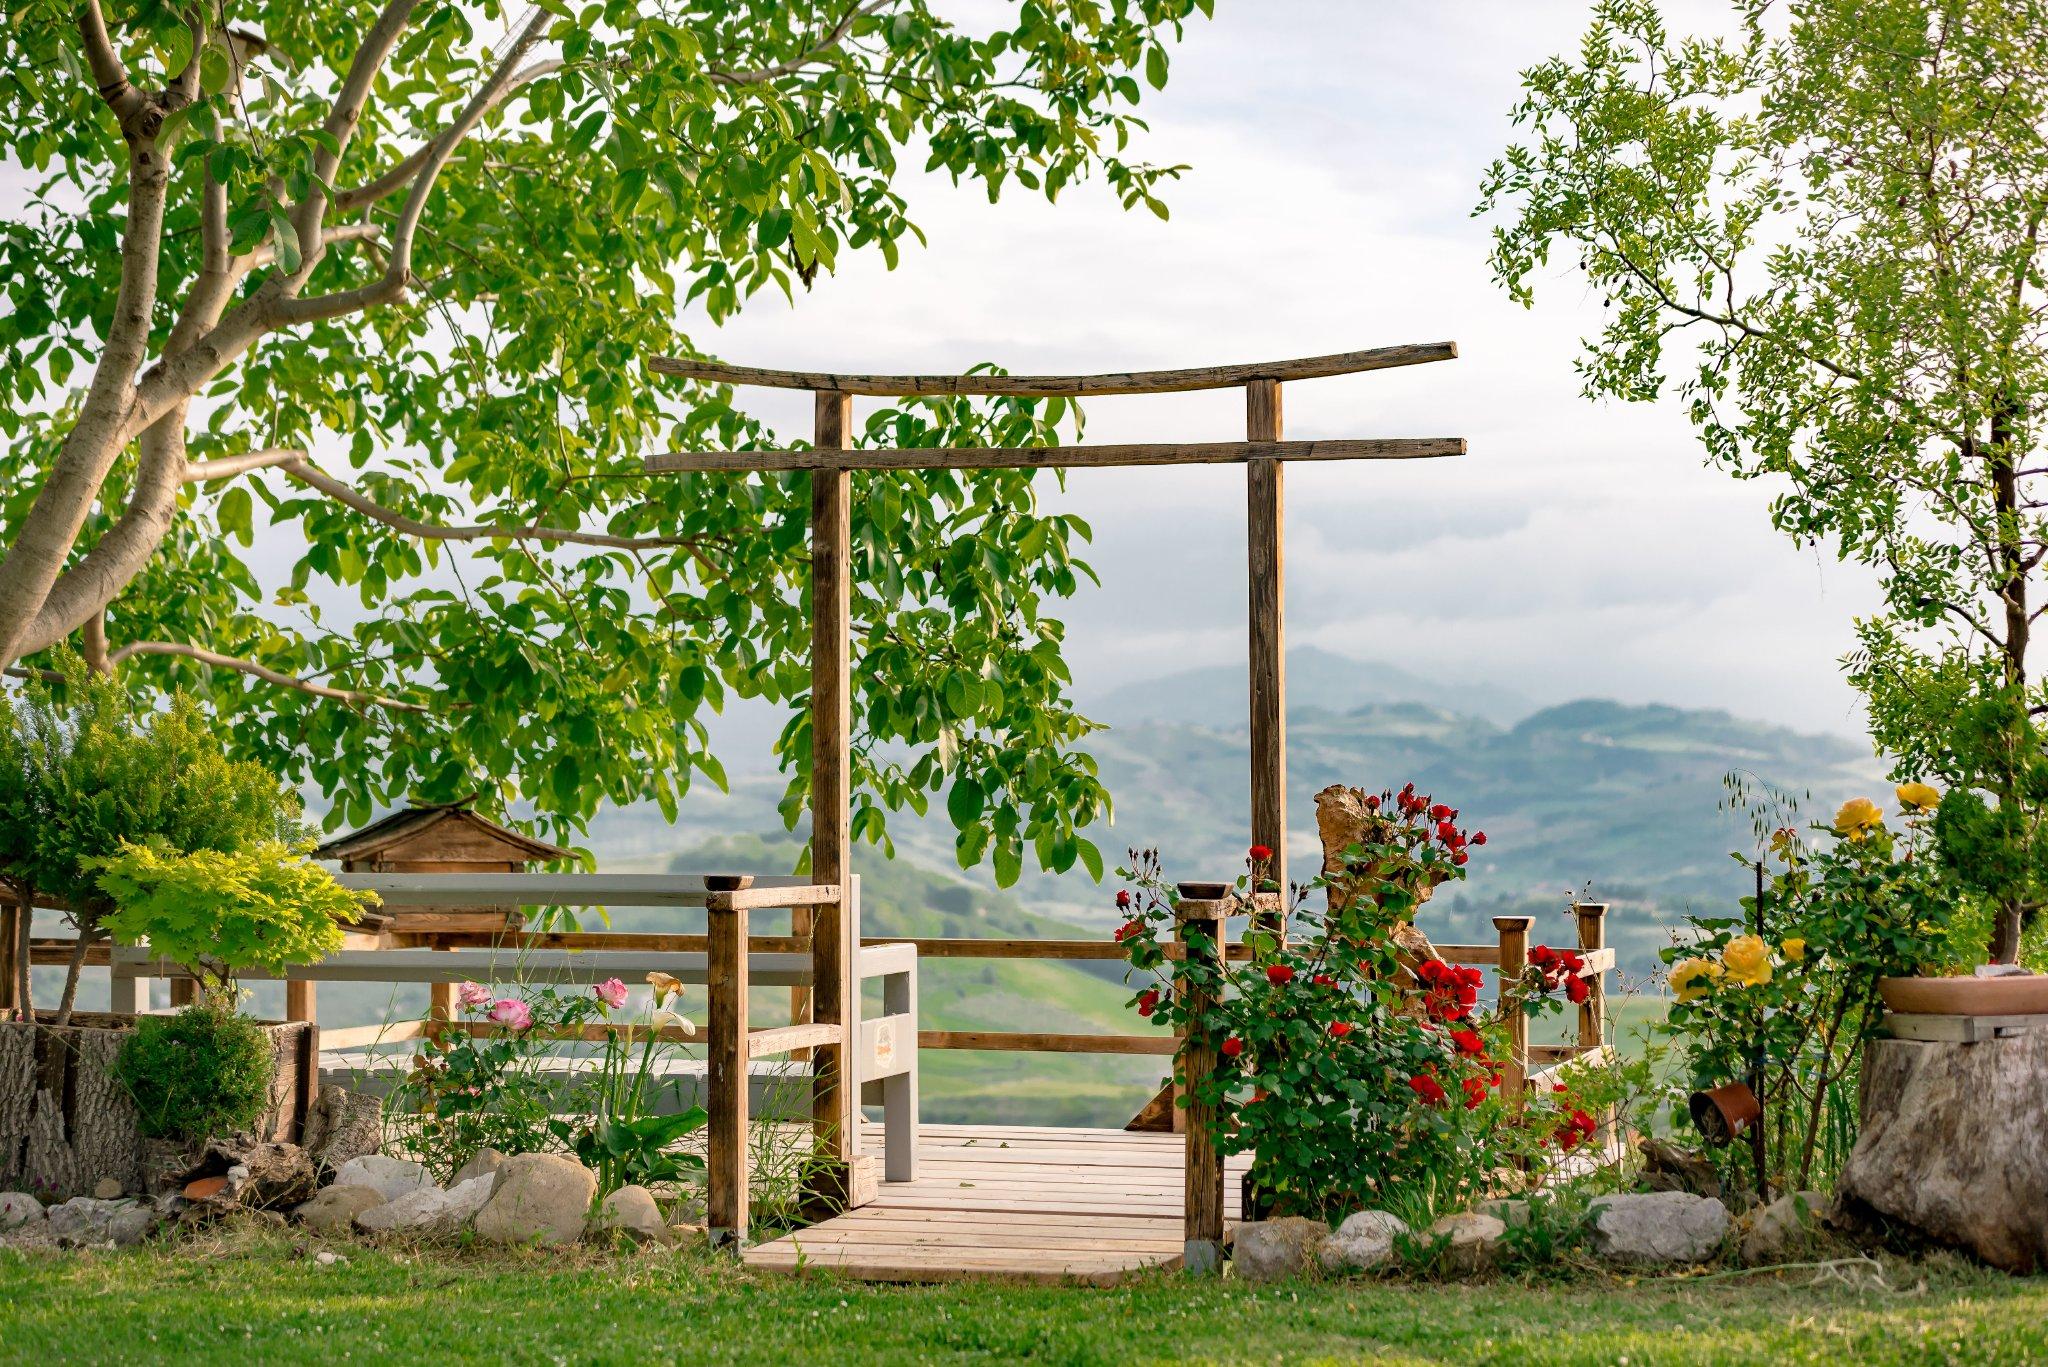 Terrasse mit Blick auf das Bergmassiv